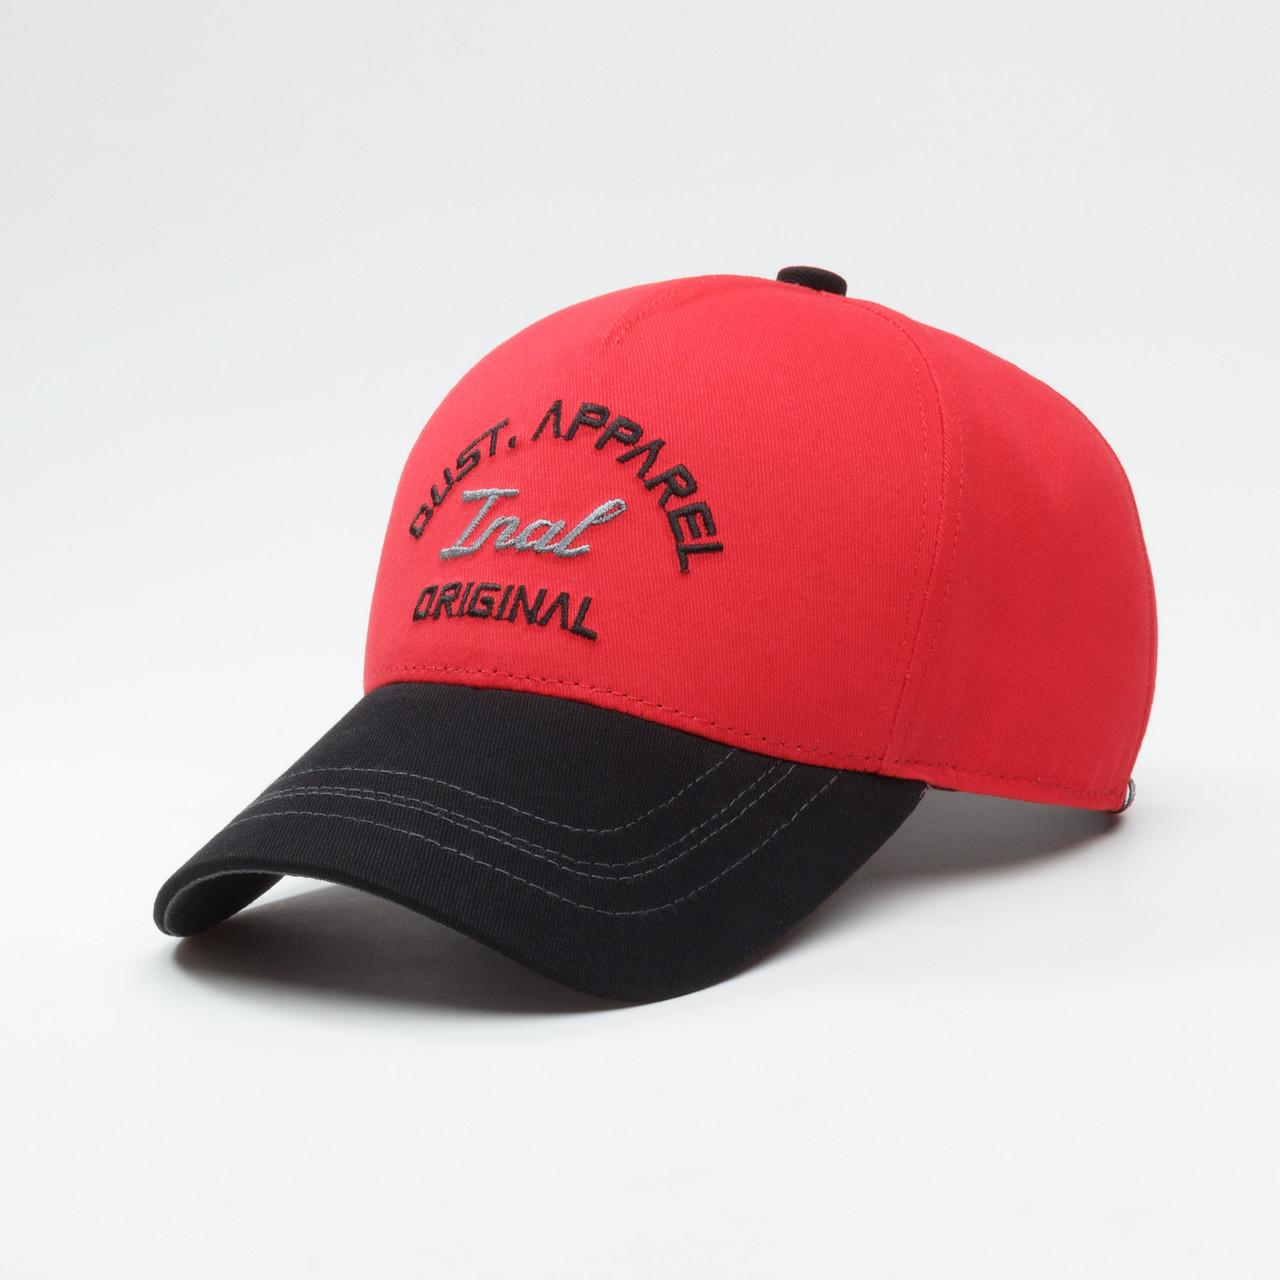 Кепка бейсболка мужская INAL original S / 53-54 RU Красный 148353